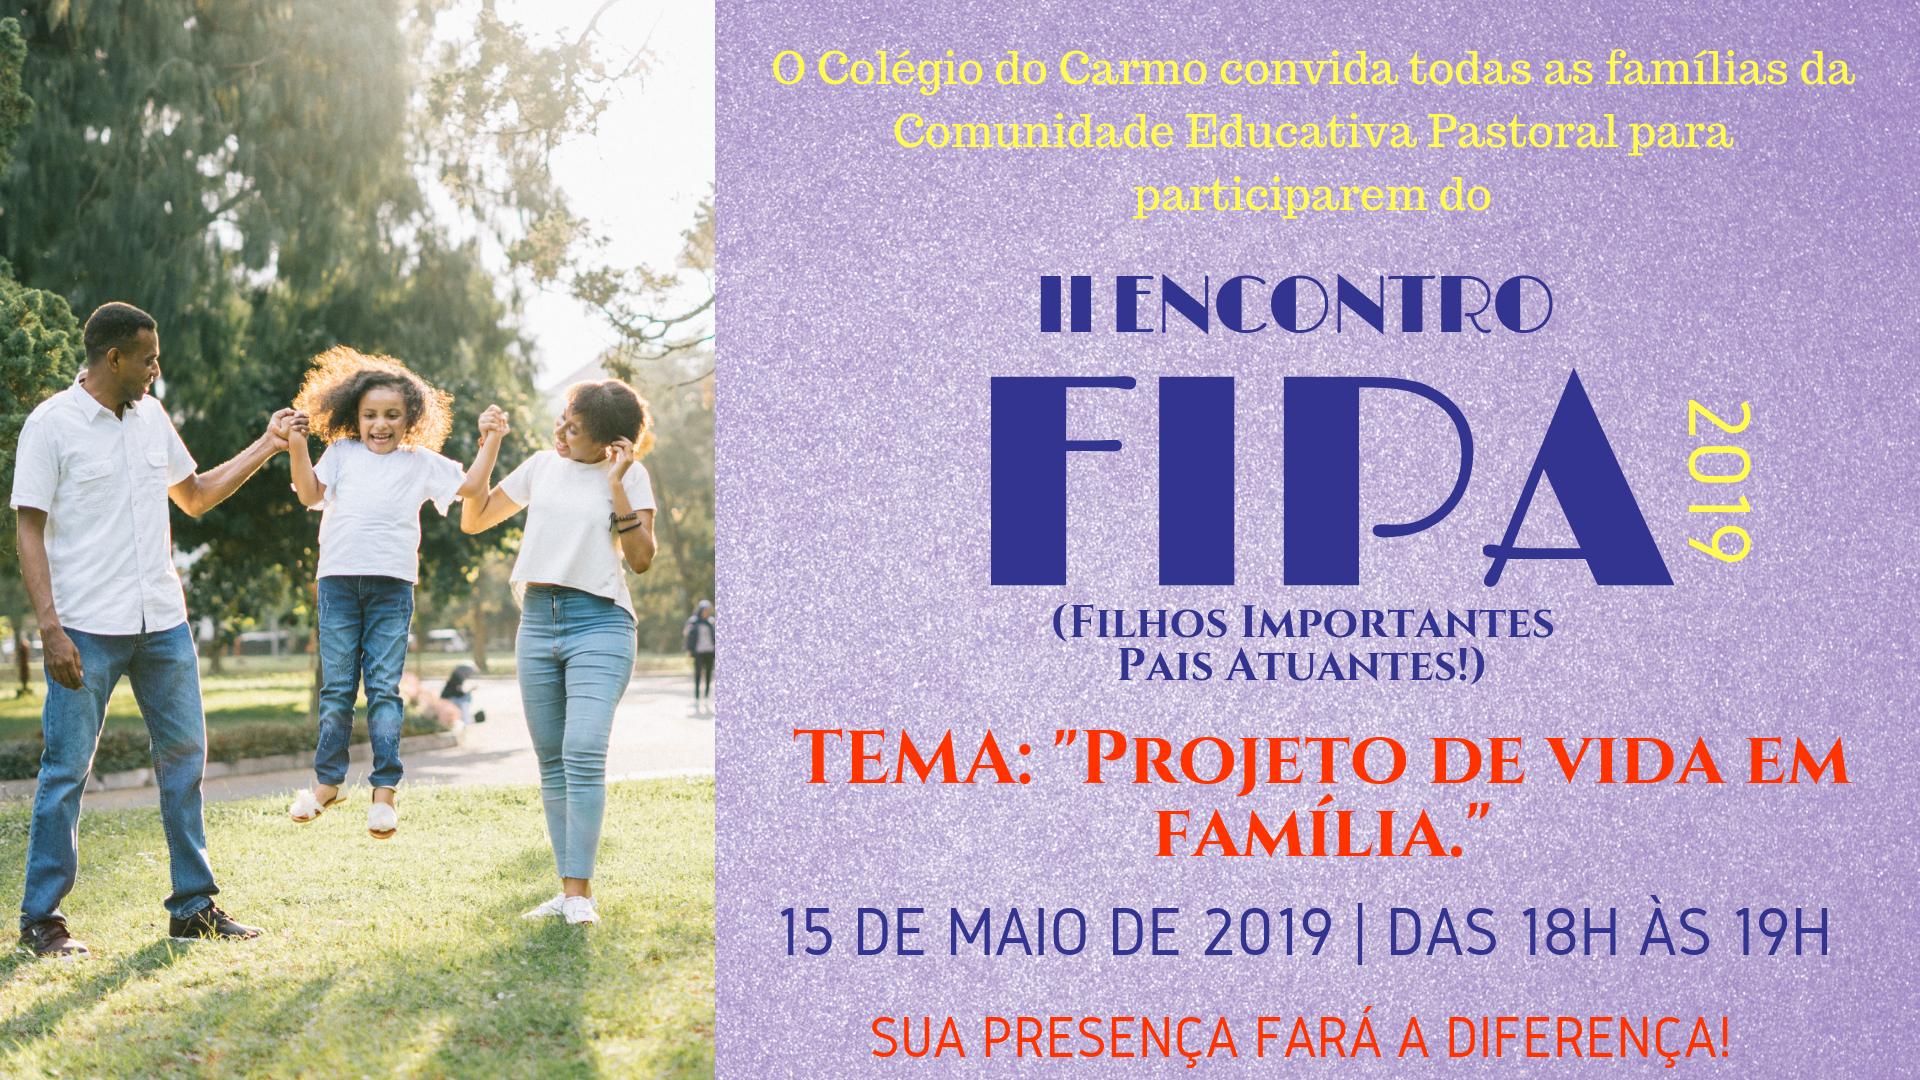 Colégio do Carmo convida famílias para II Encontro FIPA